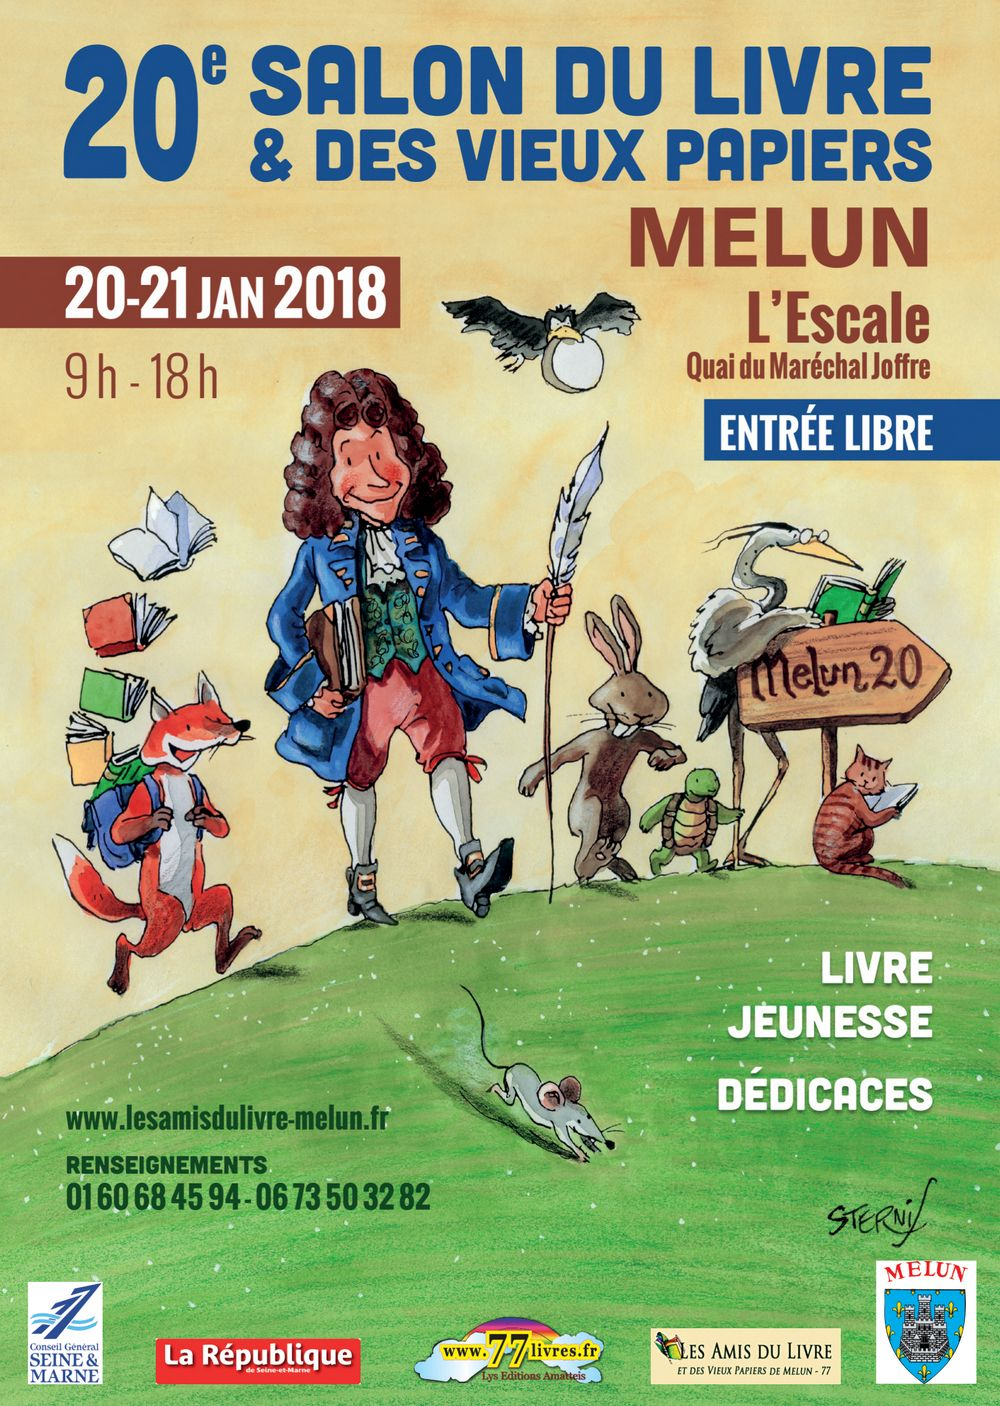 Salon du livre de melun 2018 les amis du livre et vieux - Salon du livre troyes ...